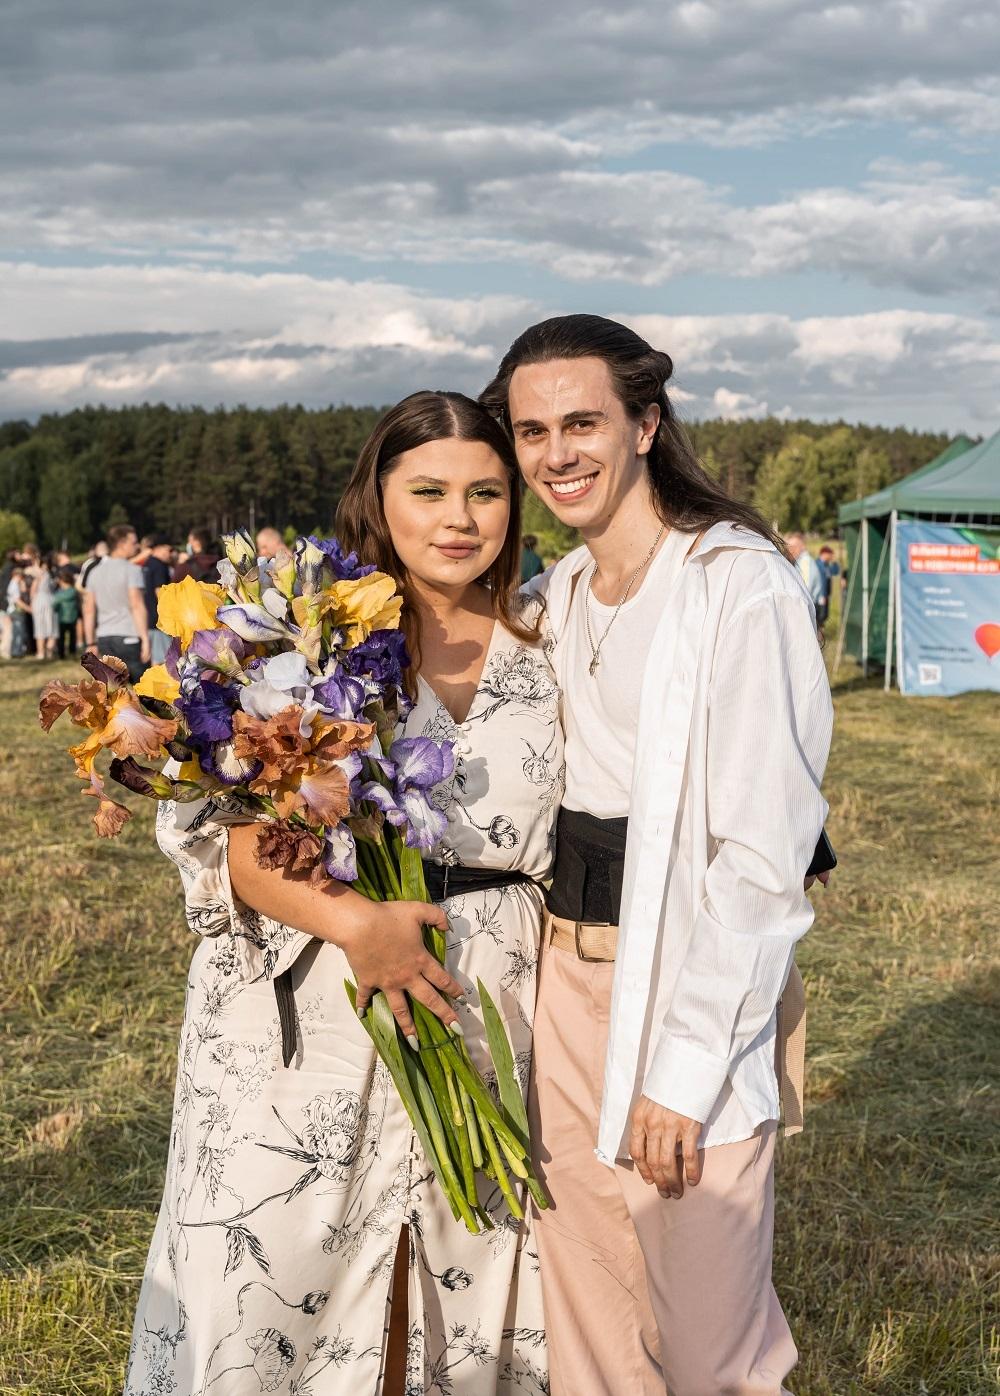 Украинский дизайнер Жан Грицфельдт представил новую коллекцию на фестивале воздушных шаров (ФОТО) - фото №7